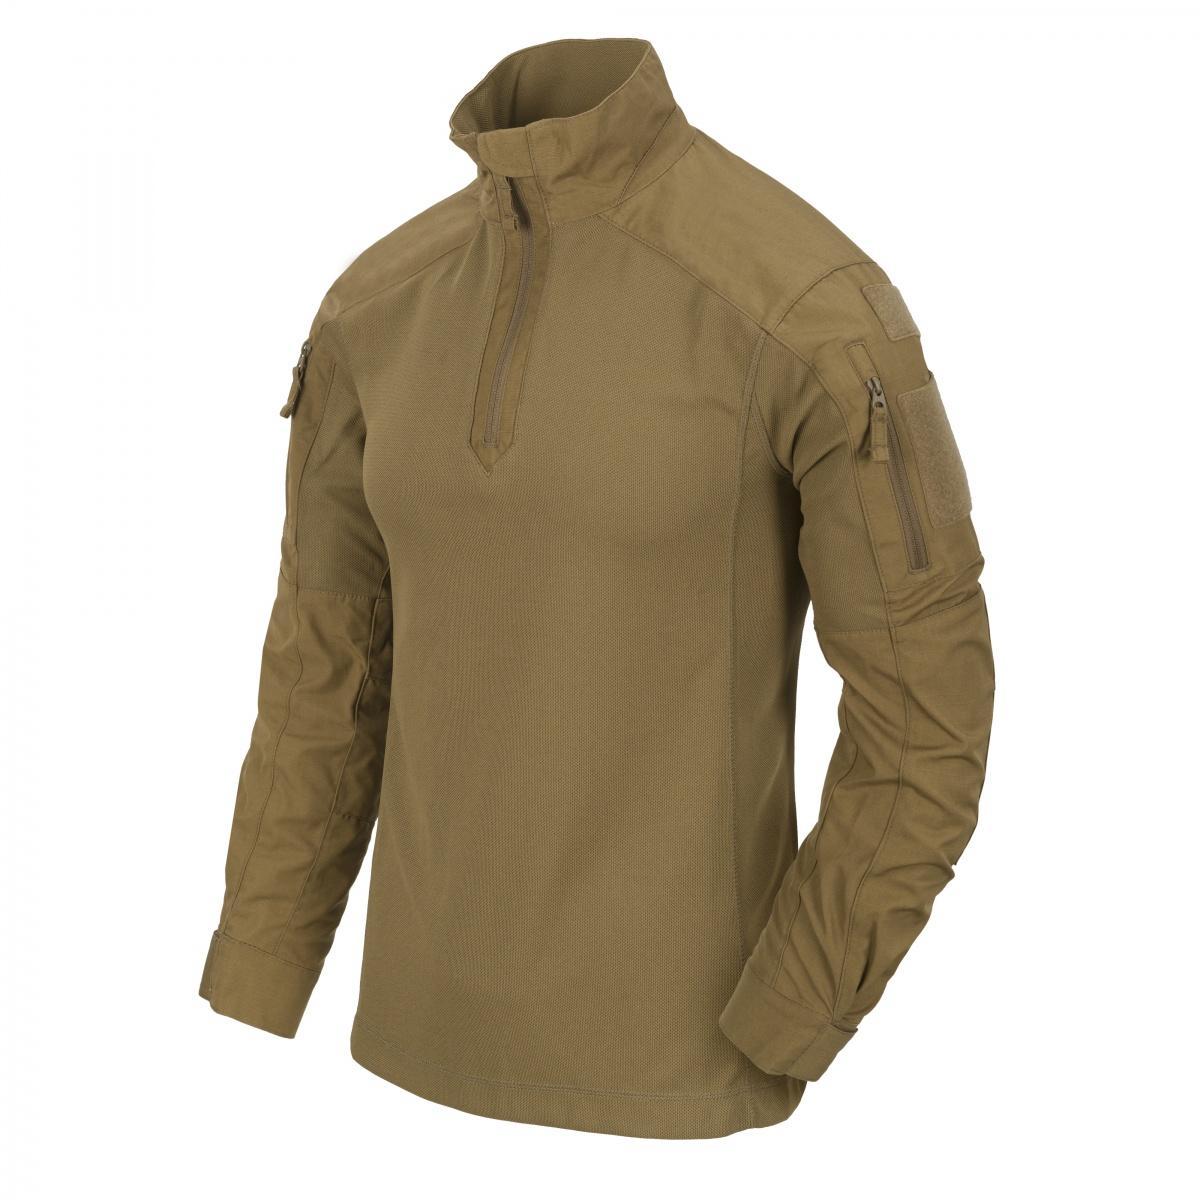 Bluzę MCDU stworzono zmyślą ofunkcjonariuszach wykorzystujących osłony balistyczne /Zdjęcie: Helikon-Tex